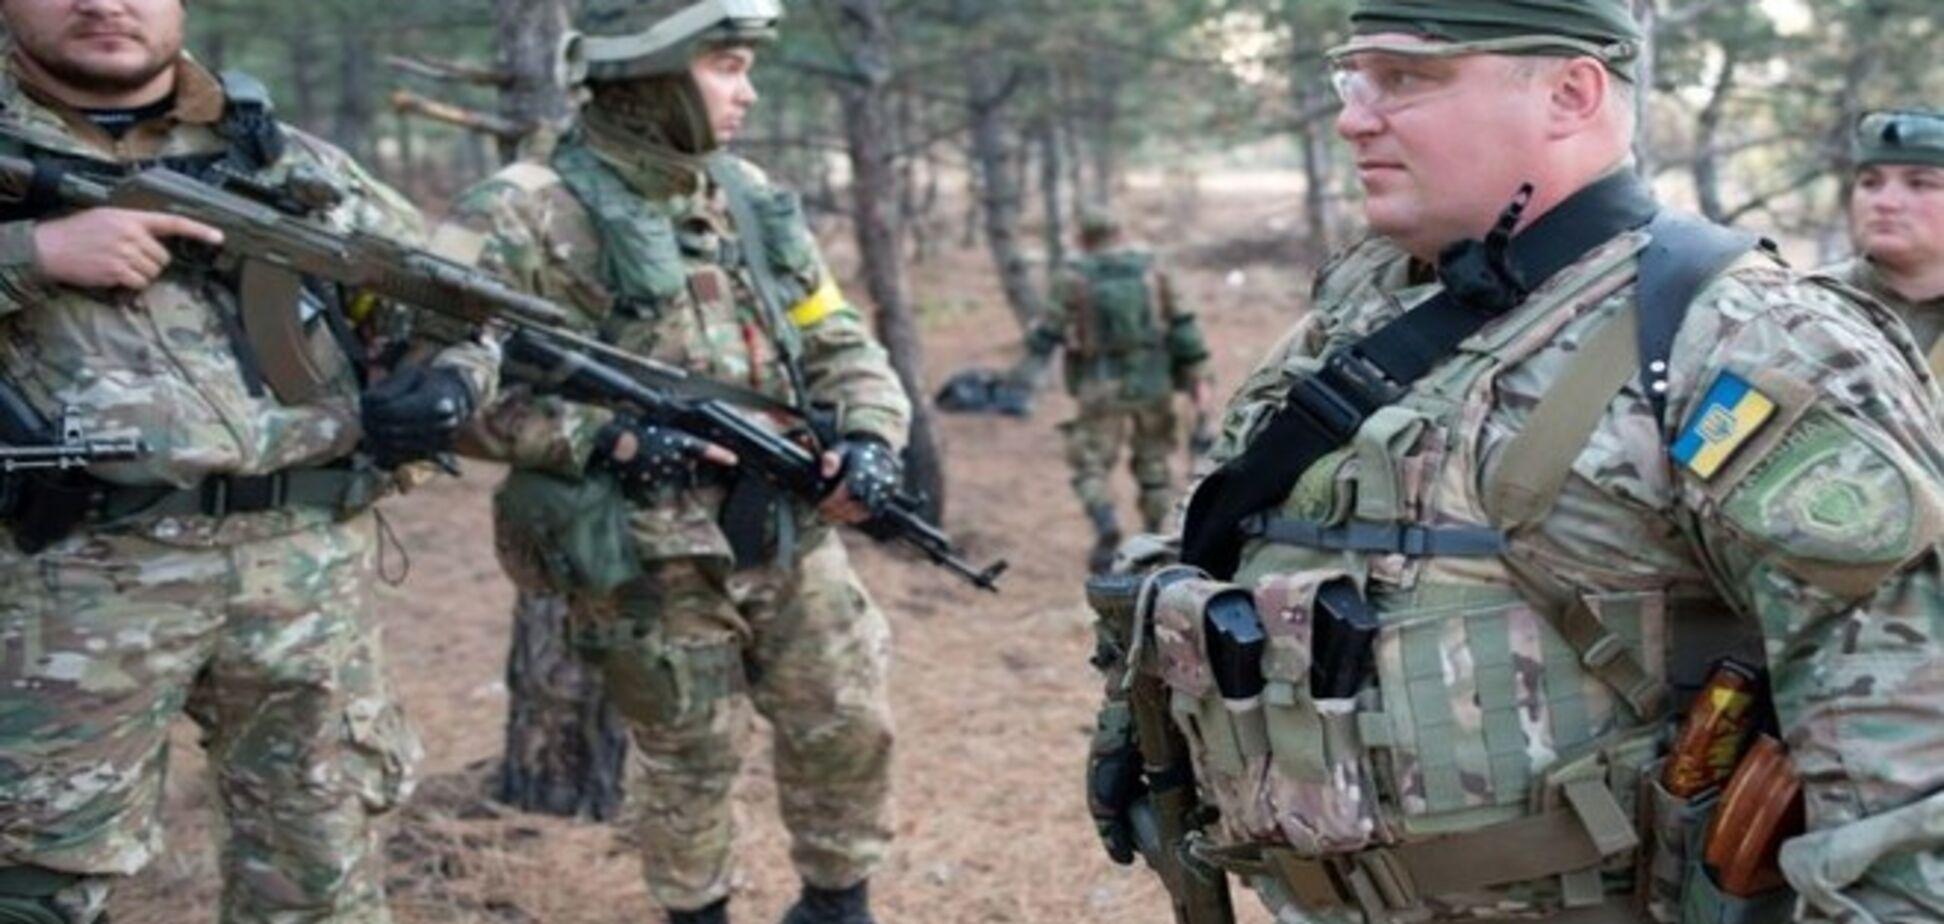 Бойцы батальона 'Слобожанщина' обвинили командиров в грабежах и присваивании волонтерской помощи